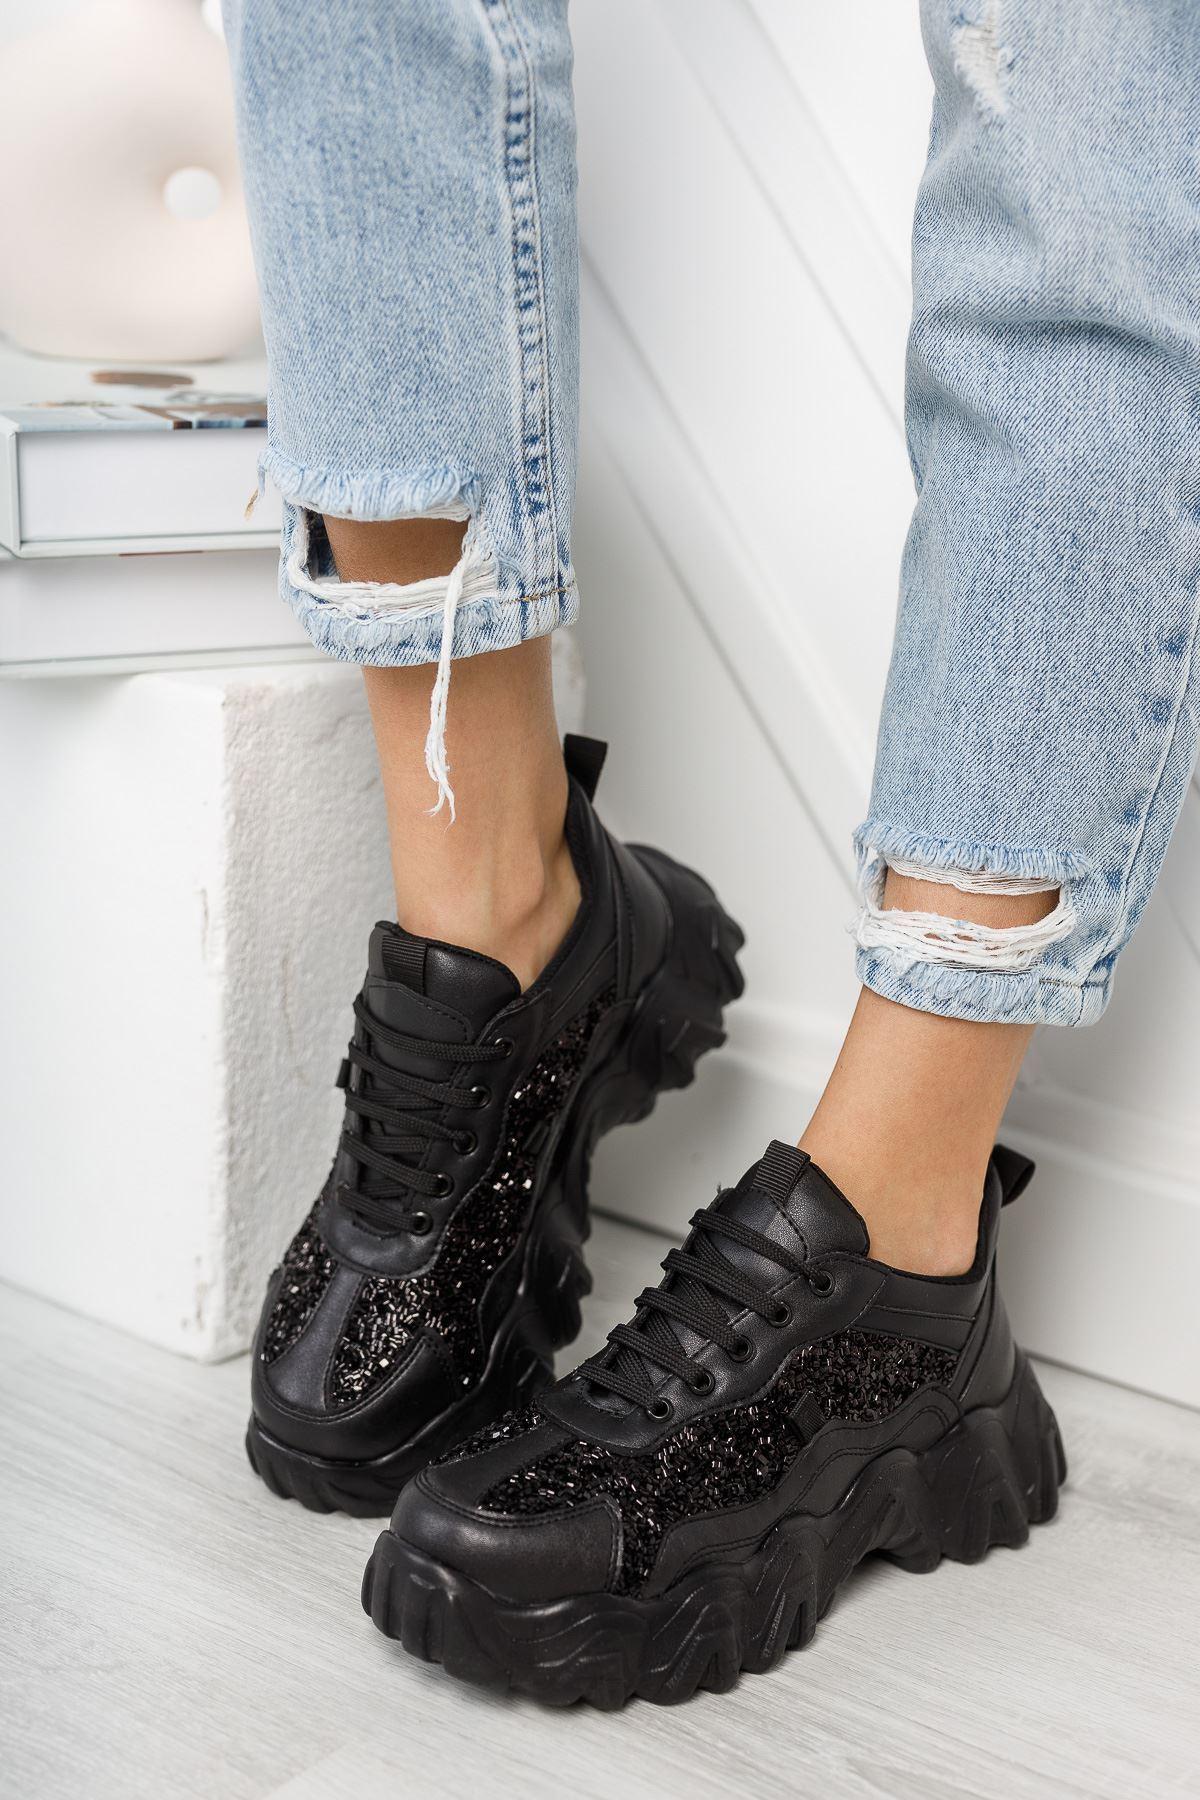 Rapina Siyah Mat Deri Taşlı Bağcıklı Kadın Spor Ayakkabı